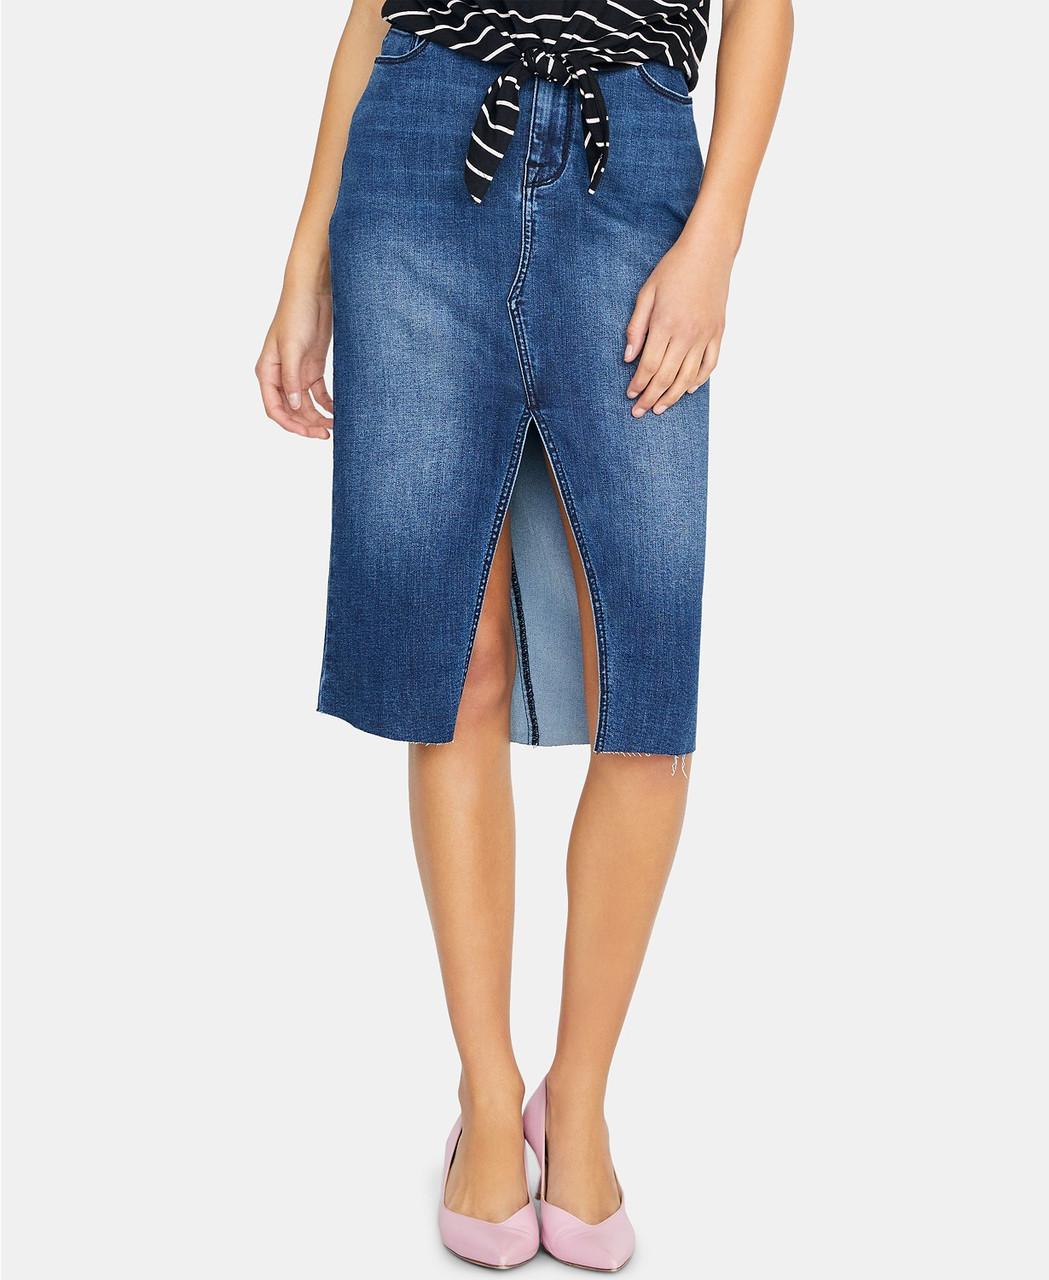 Sanctuary Женская юбка джинсовая 2000000389523